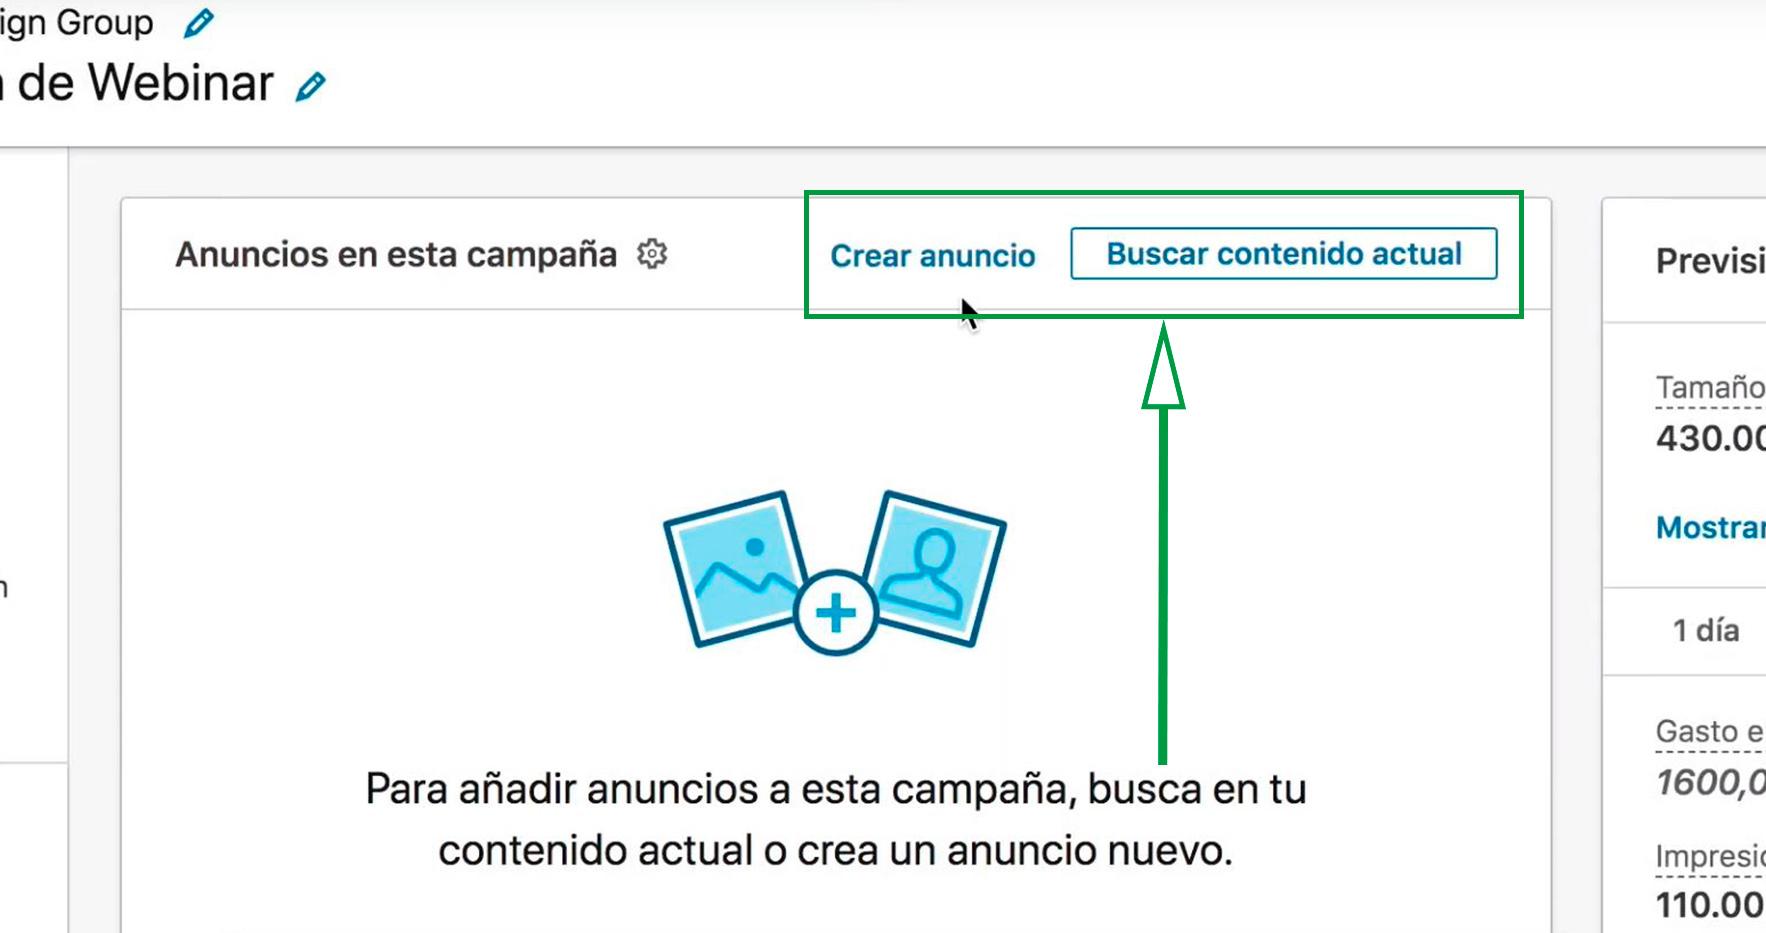 Cómo Usar Linkedin para captar clientes. Buscar contenido